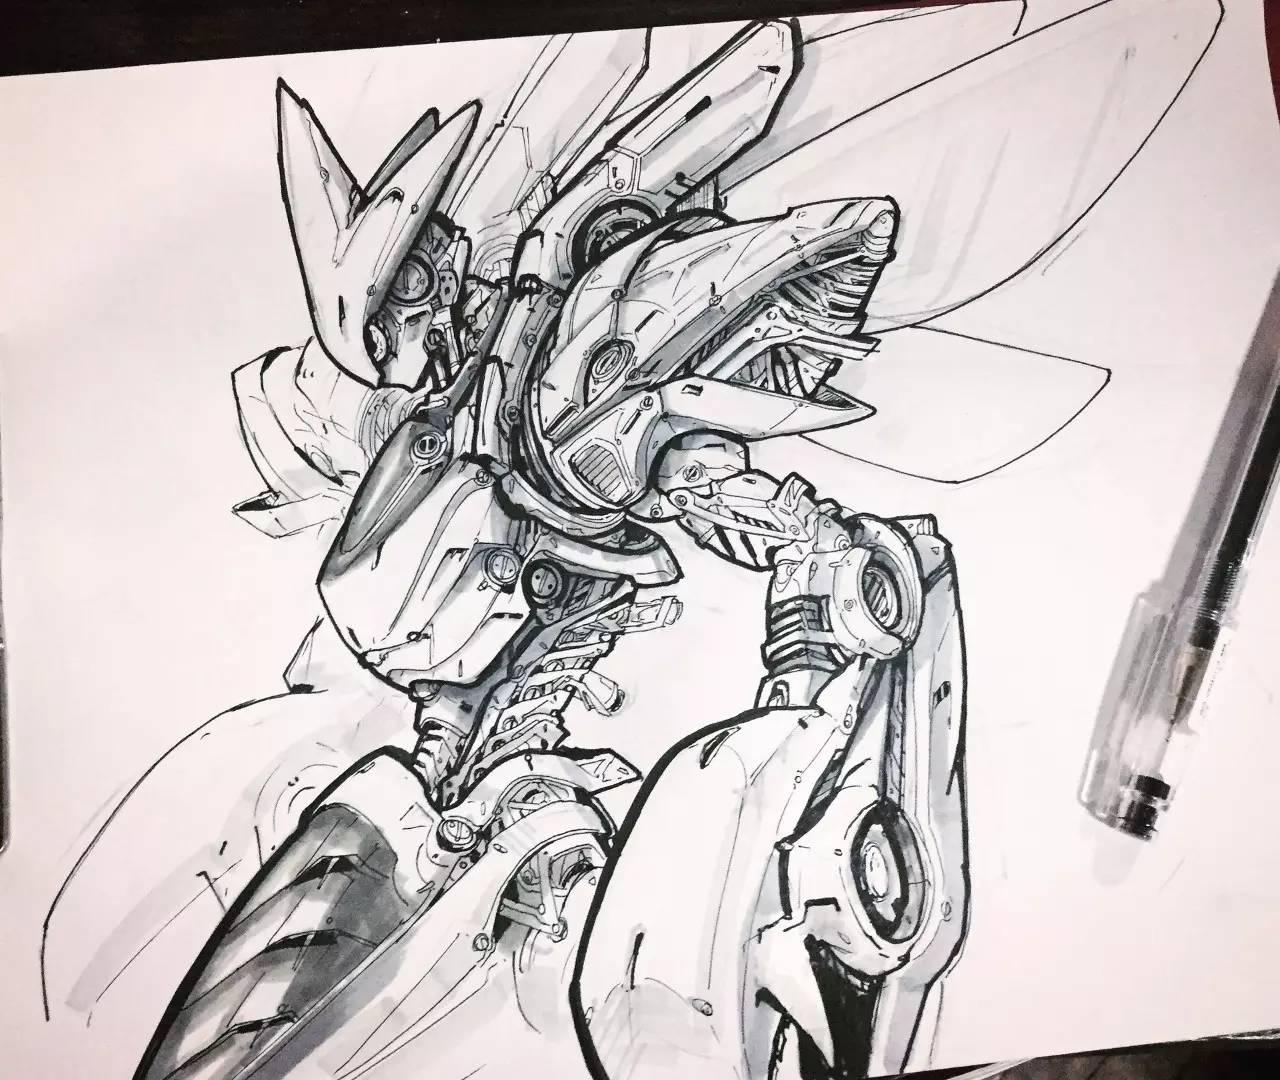 手绘速写 | 手绘概念设计最赞了